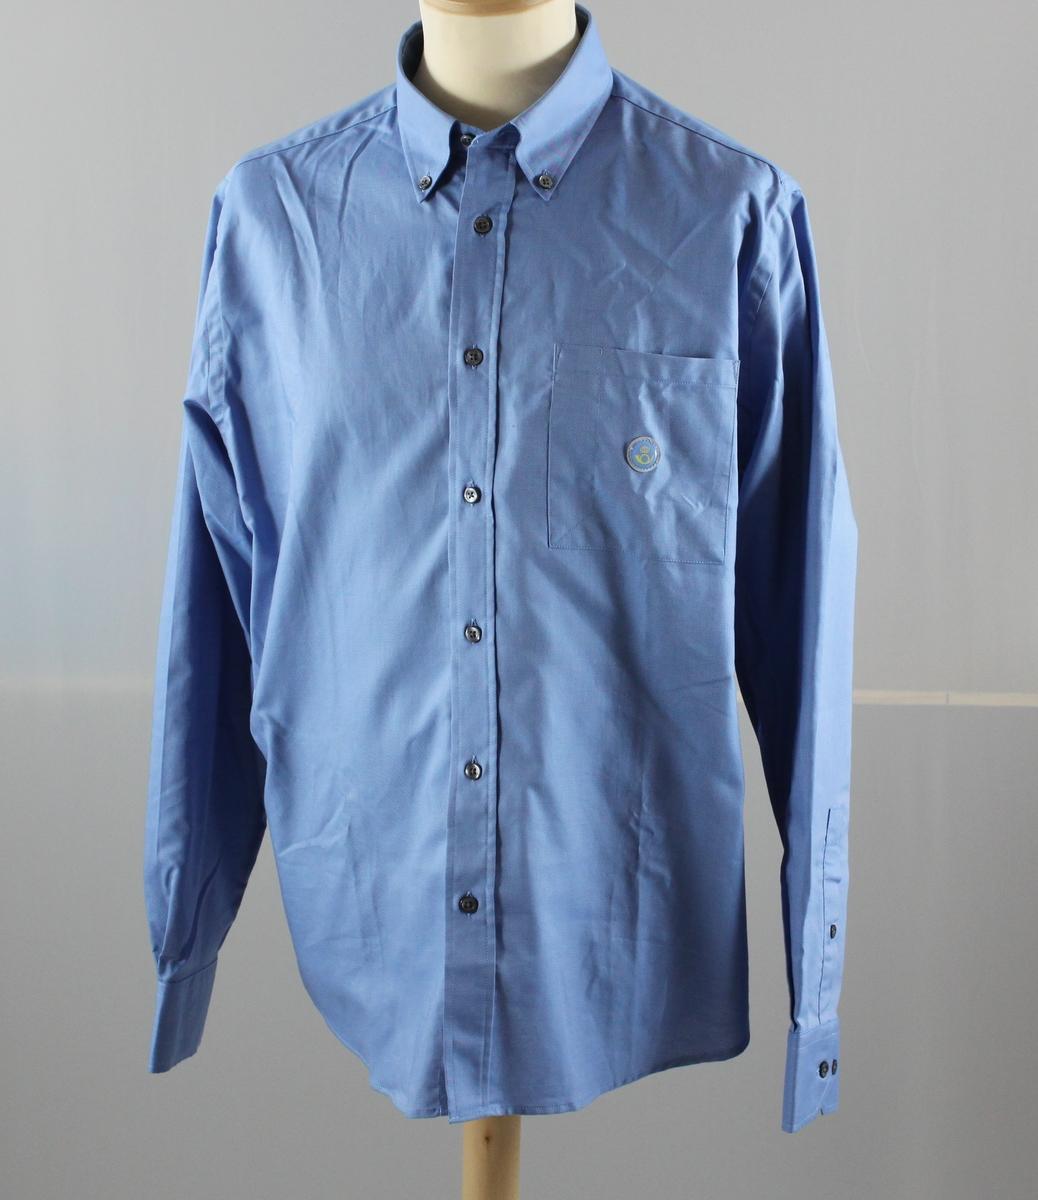 """Skjorta i ljusblått med långa ärmar. En bröstficka till vänster och ett reflexmärke med Postens symbol på den. Märkt """"herr"""" och storlek 40."""